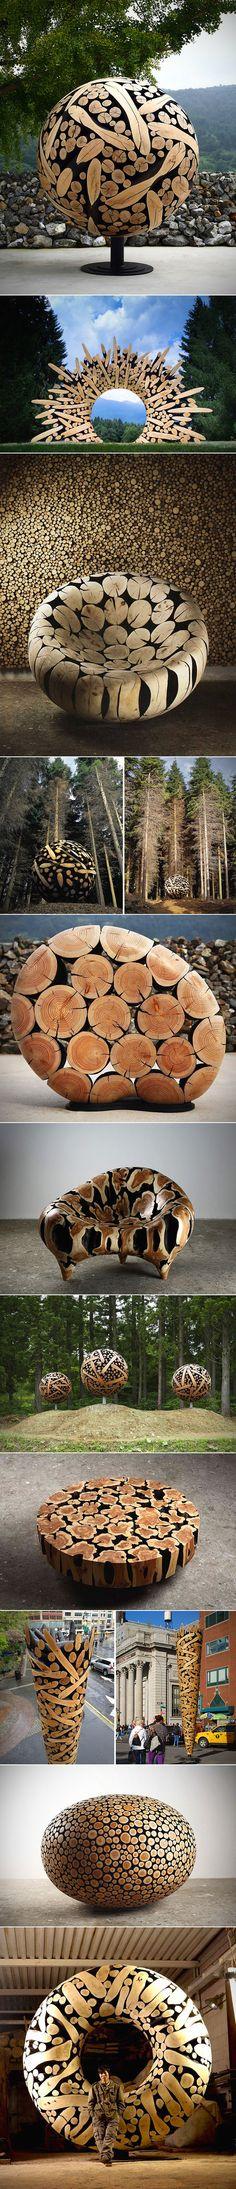 Tree Trunk Sculptures